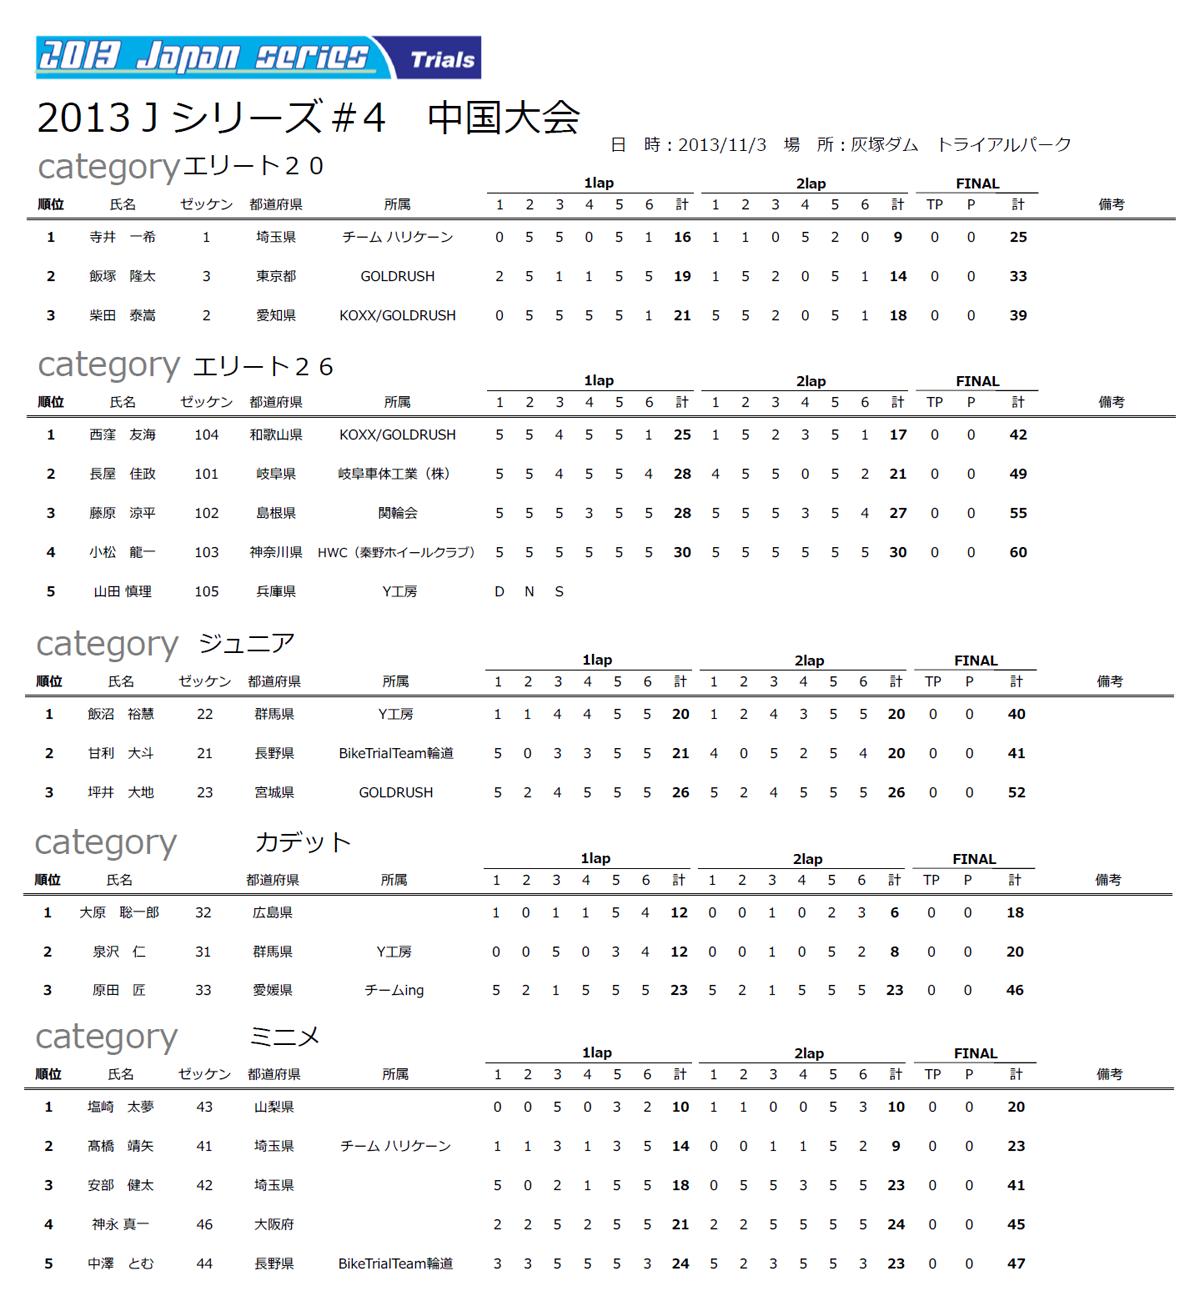 Result20131103js04yrbg